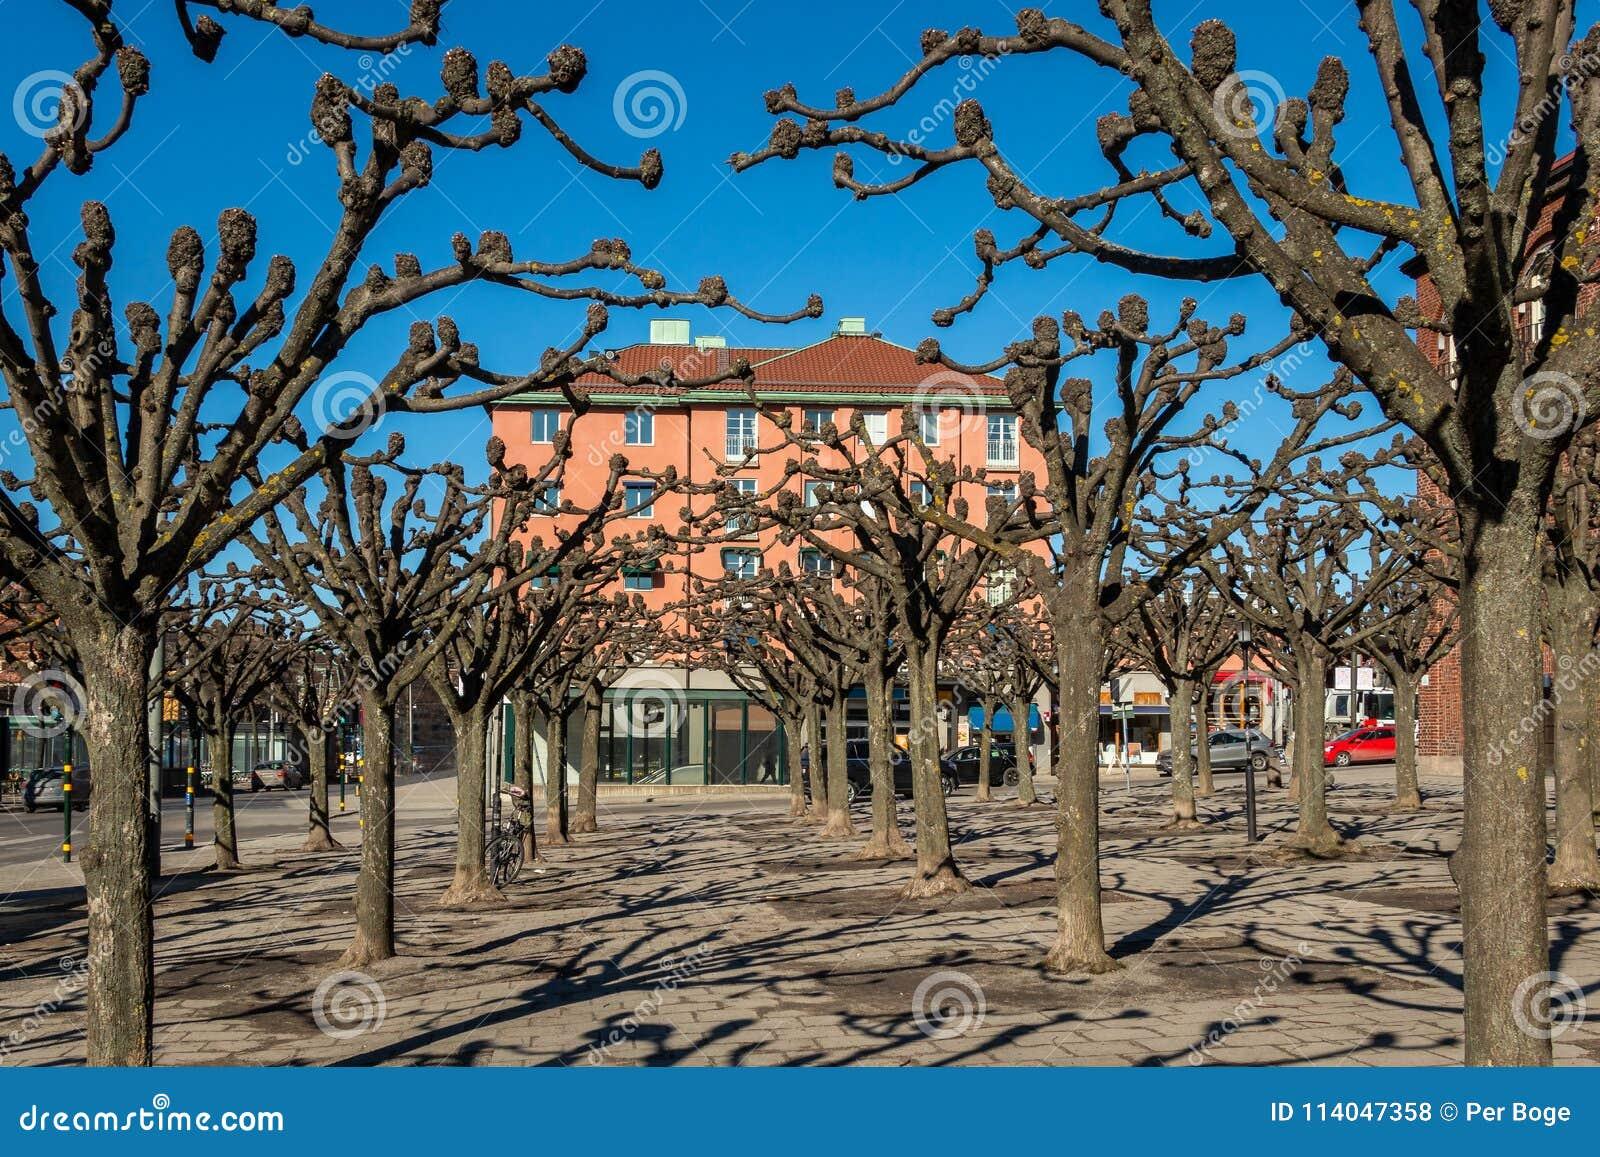 Stadsfyrkant med många beskar träd och byggande tidig vår